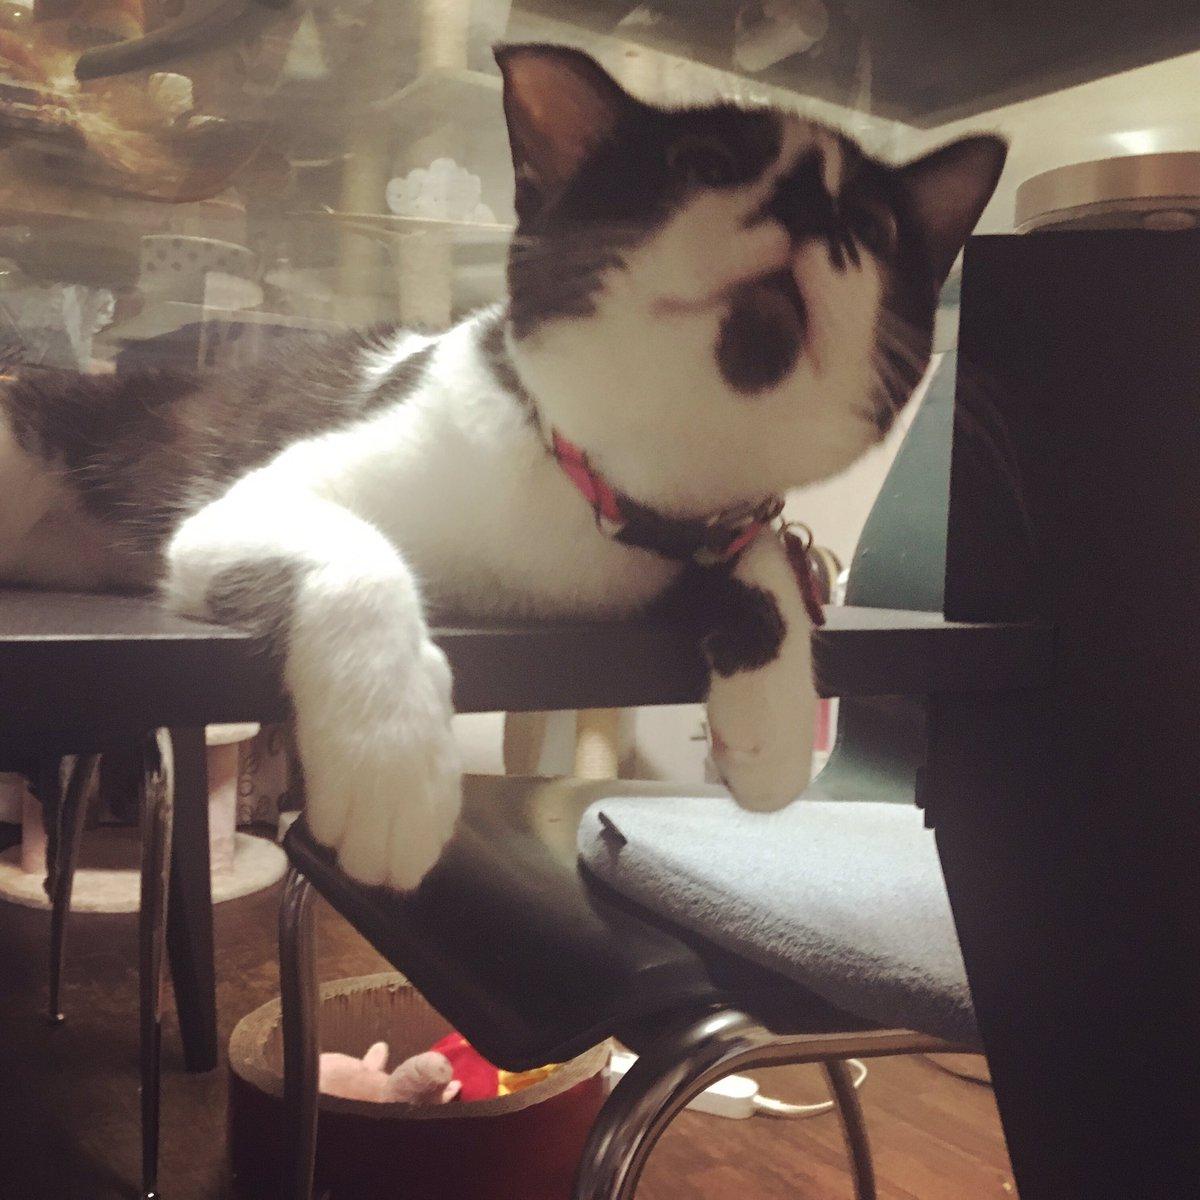 しずくちゃん今日無事に抜糸終わりました!さっそく狭いところに入りまくり♫#猫好きさんと繋がりたい #猫モフー  #カラー